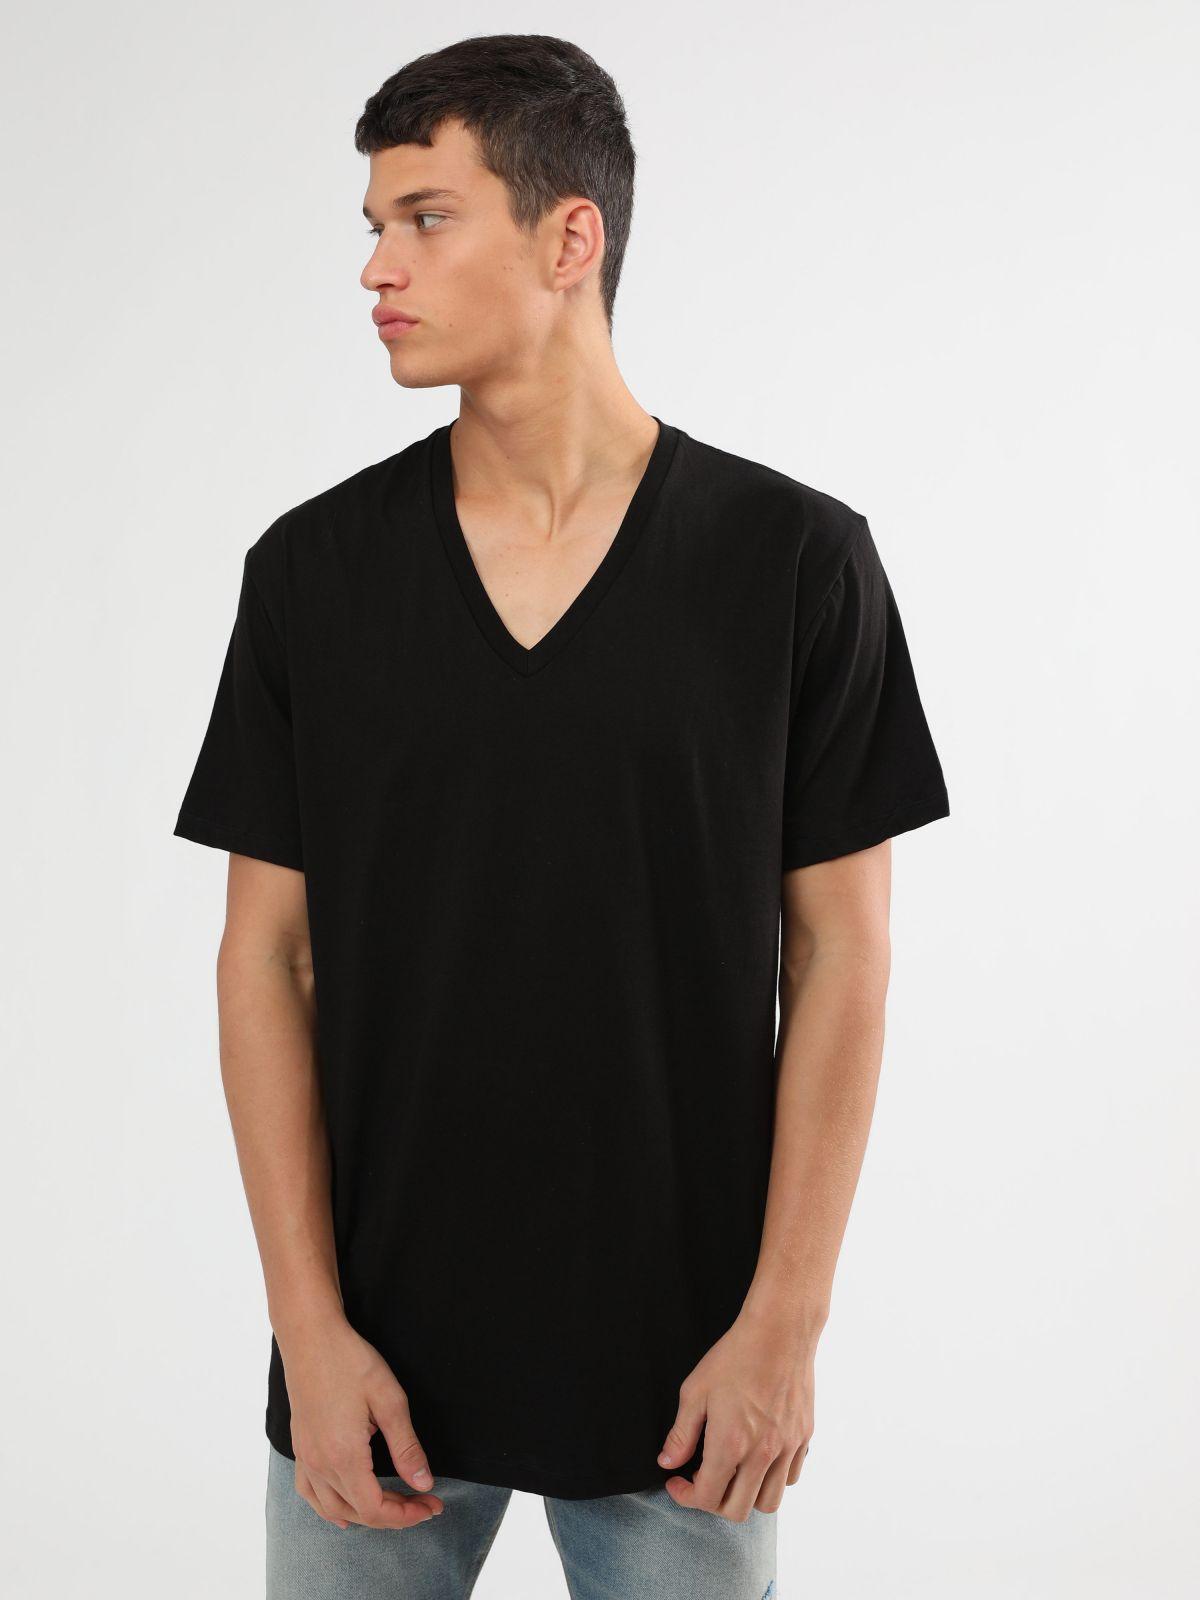 מארז 3 חולצות טי שירט וי בצבעים שוניםמארז 3 חולצות טי שירט וי בצבעים שונים של CALVIN KLEIN